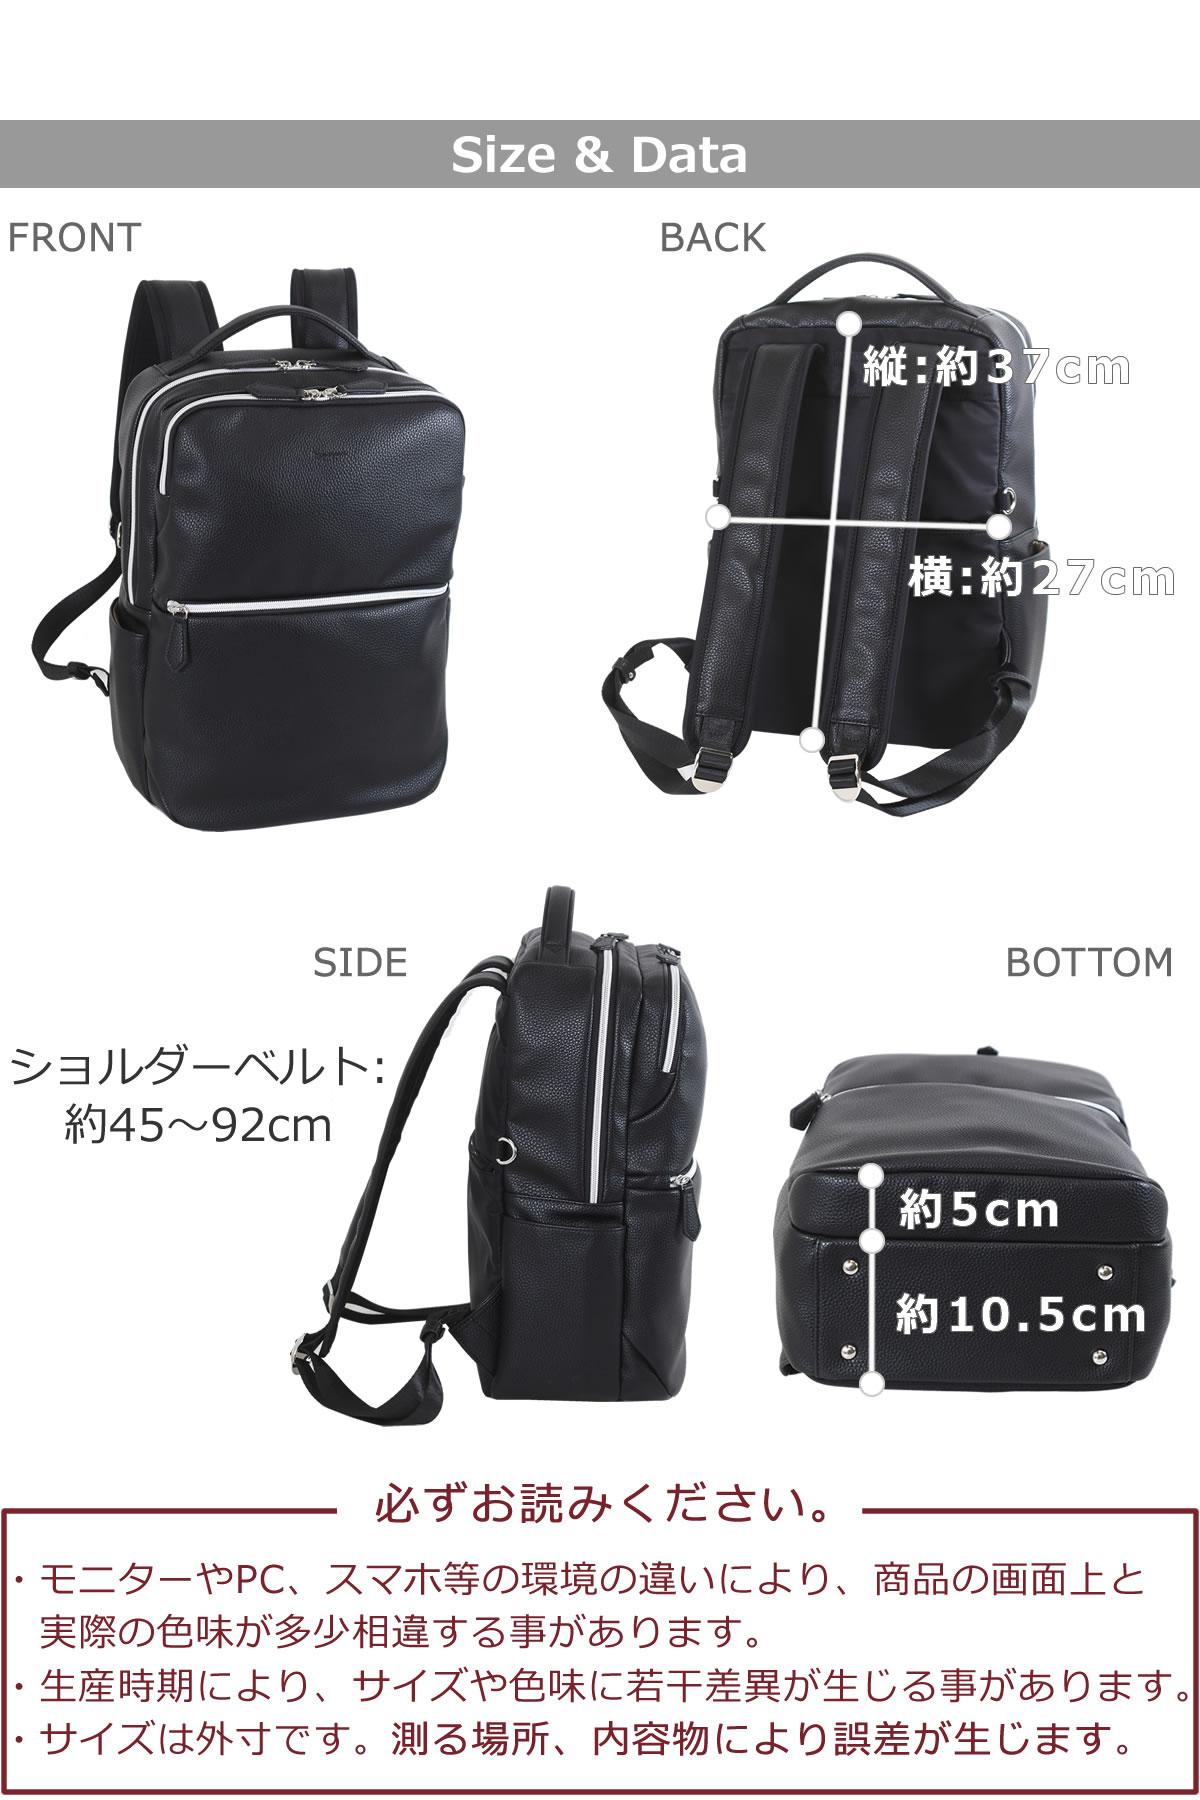 ビジネスリュック メンズ a4 ブランド かっこいい ・縦37cm×横27cm×マチ13cm 約850g 約9L